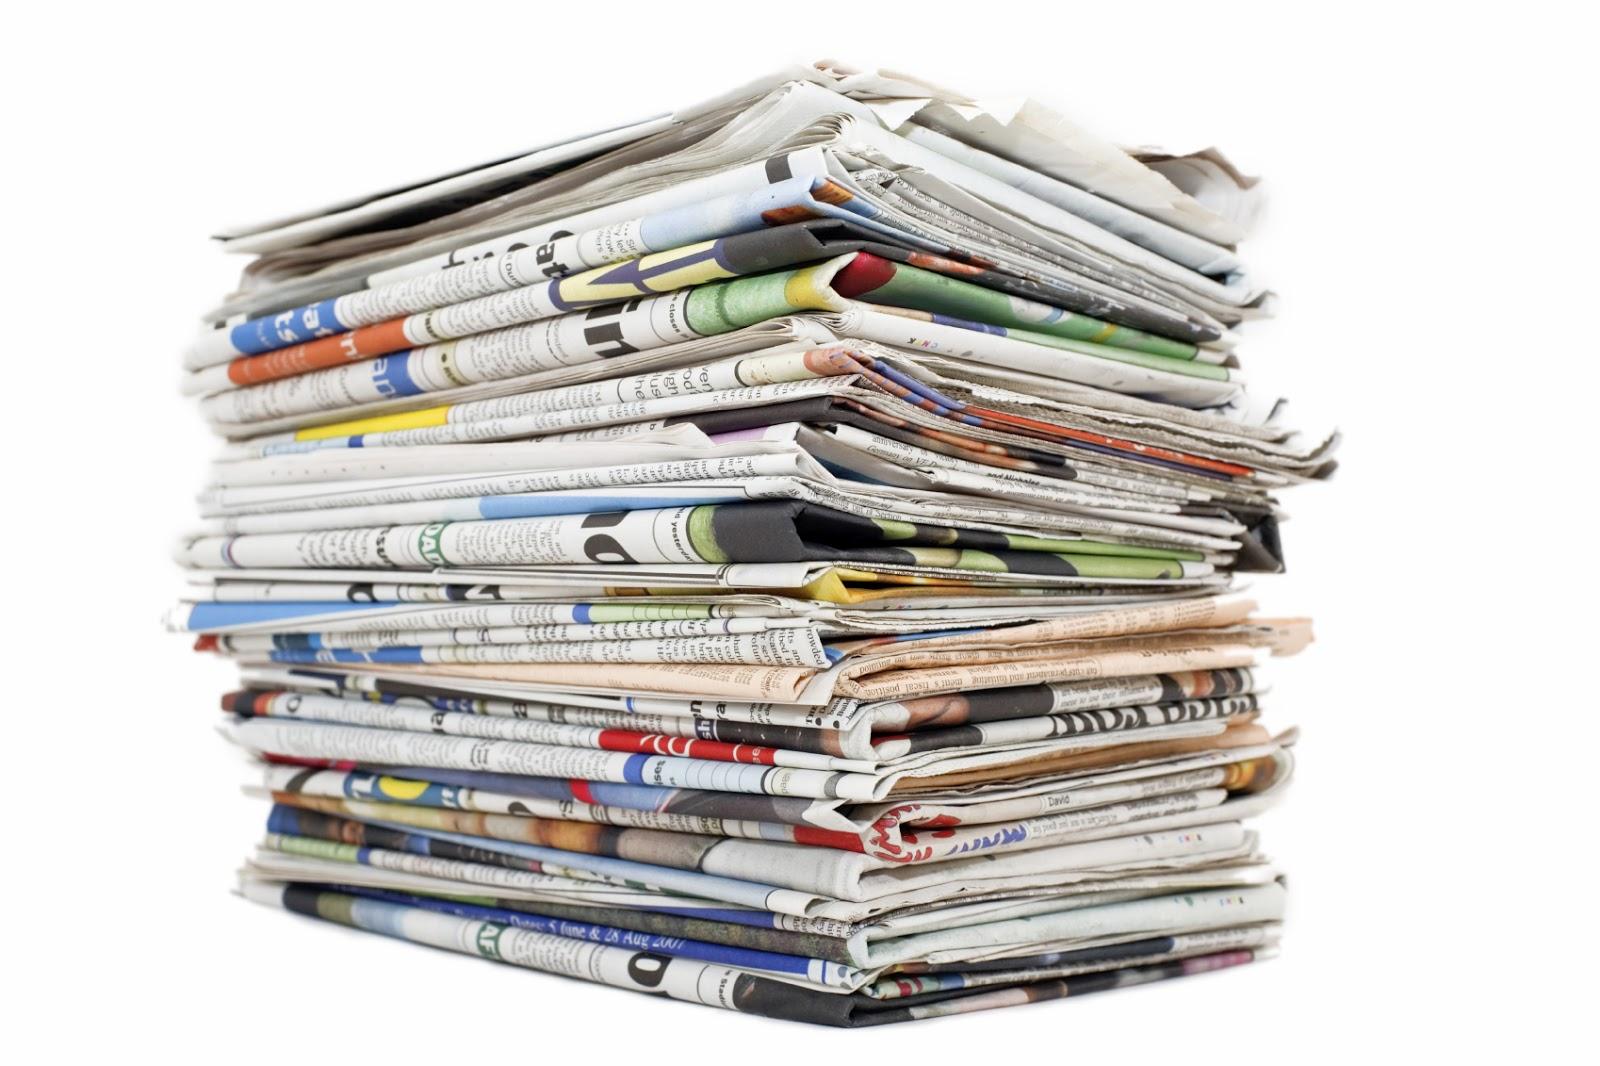 أبرز عناوين الصحف السياسية السودانية الصادرة يوم الخميس 7 ديسمبر 2017م